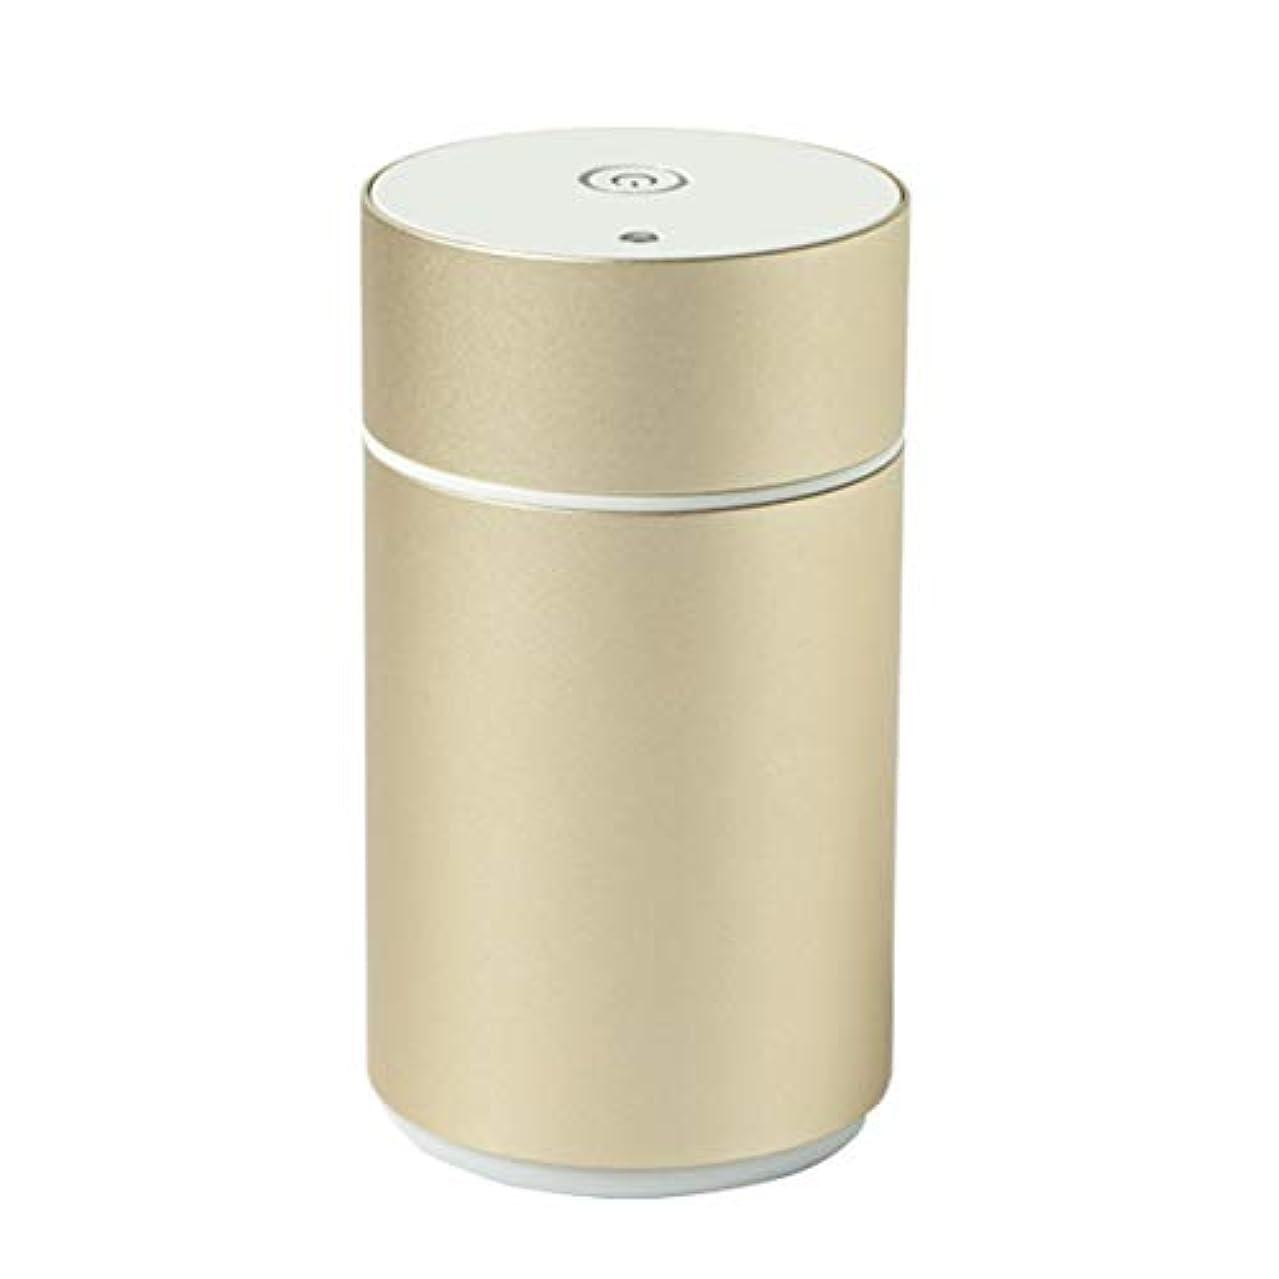 横に専門霊生活の木 アロモア ミニ ゴールド (aromore mini gold) (エッセンシャルオイルディフューザー) (圧縮微粒子式アロマディフューザー)